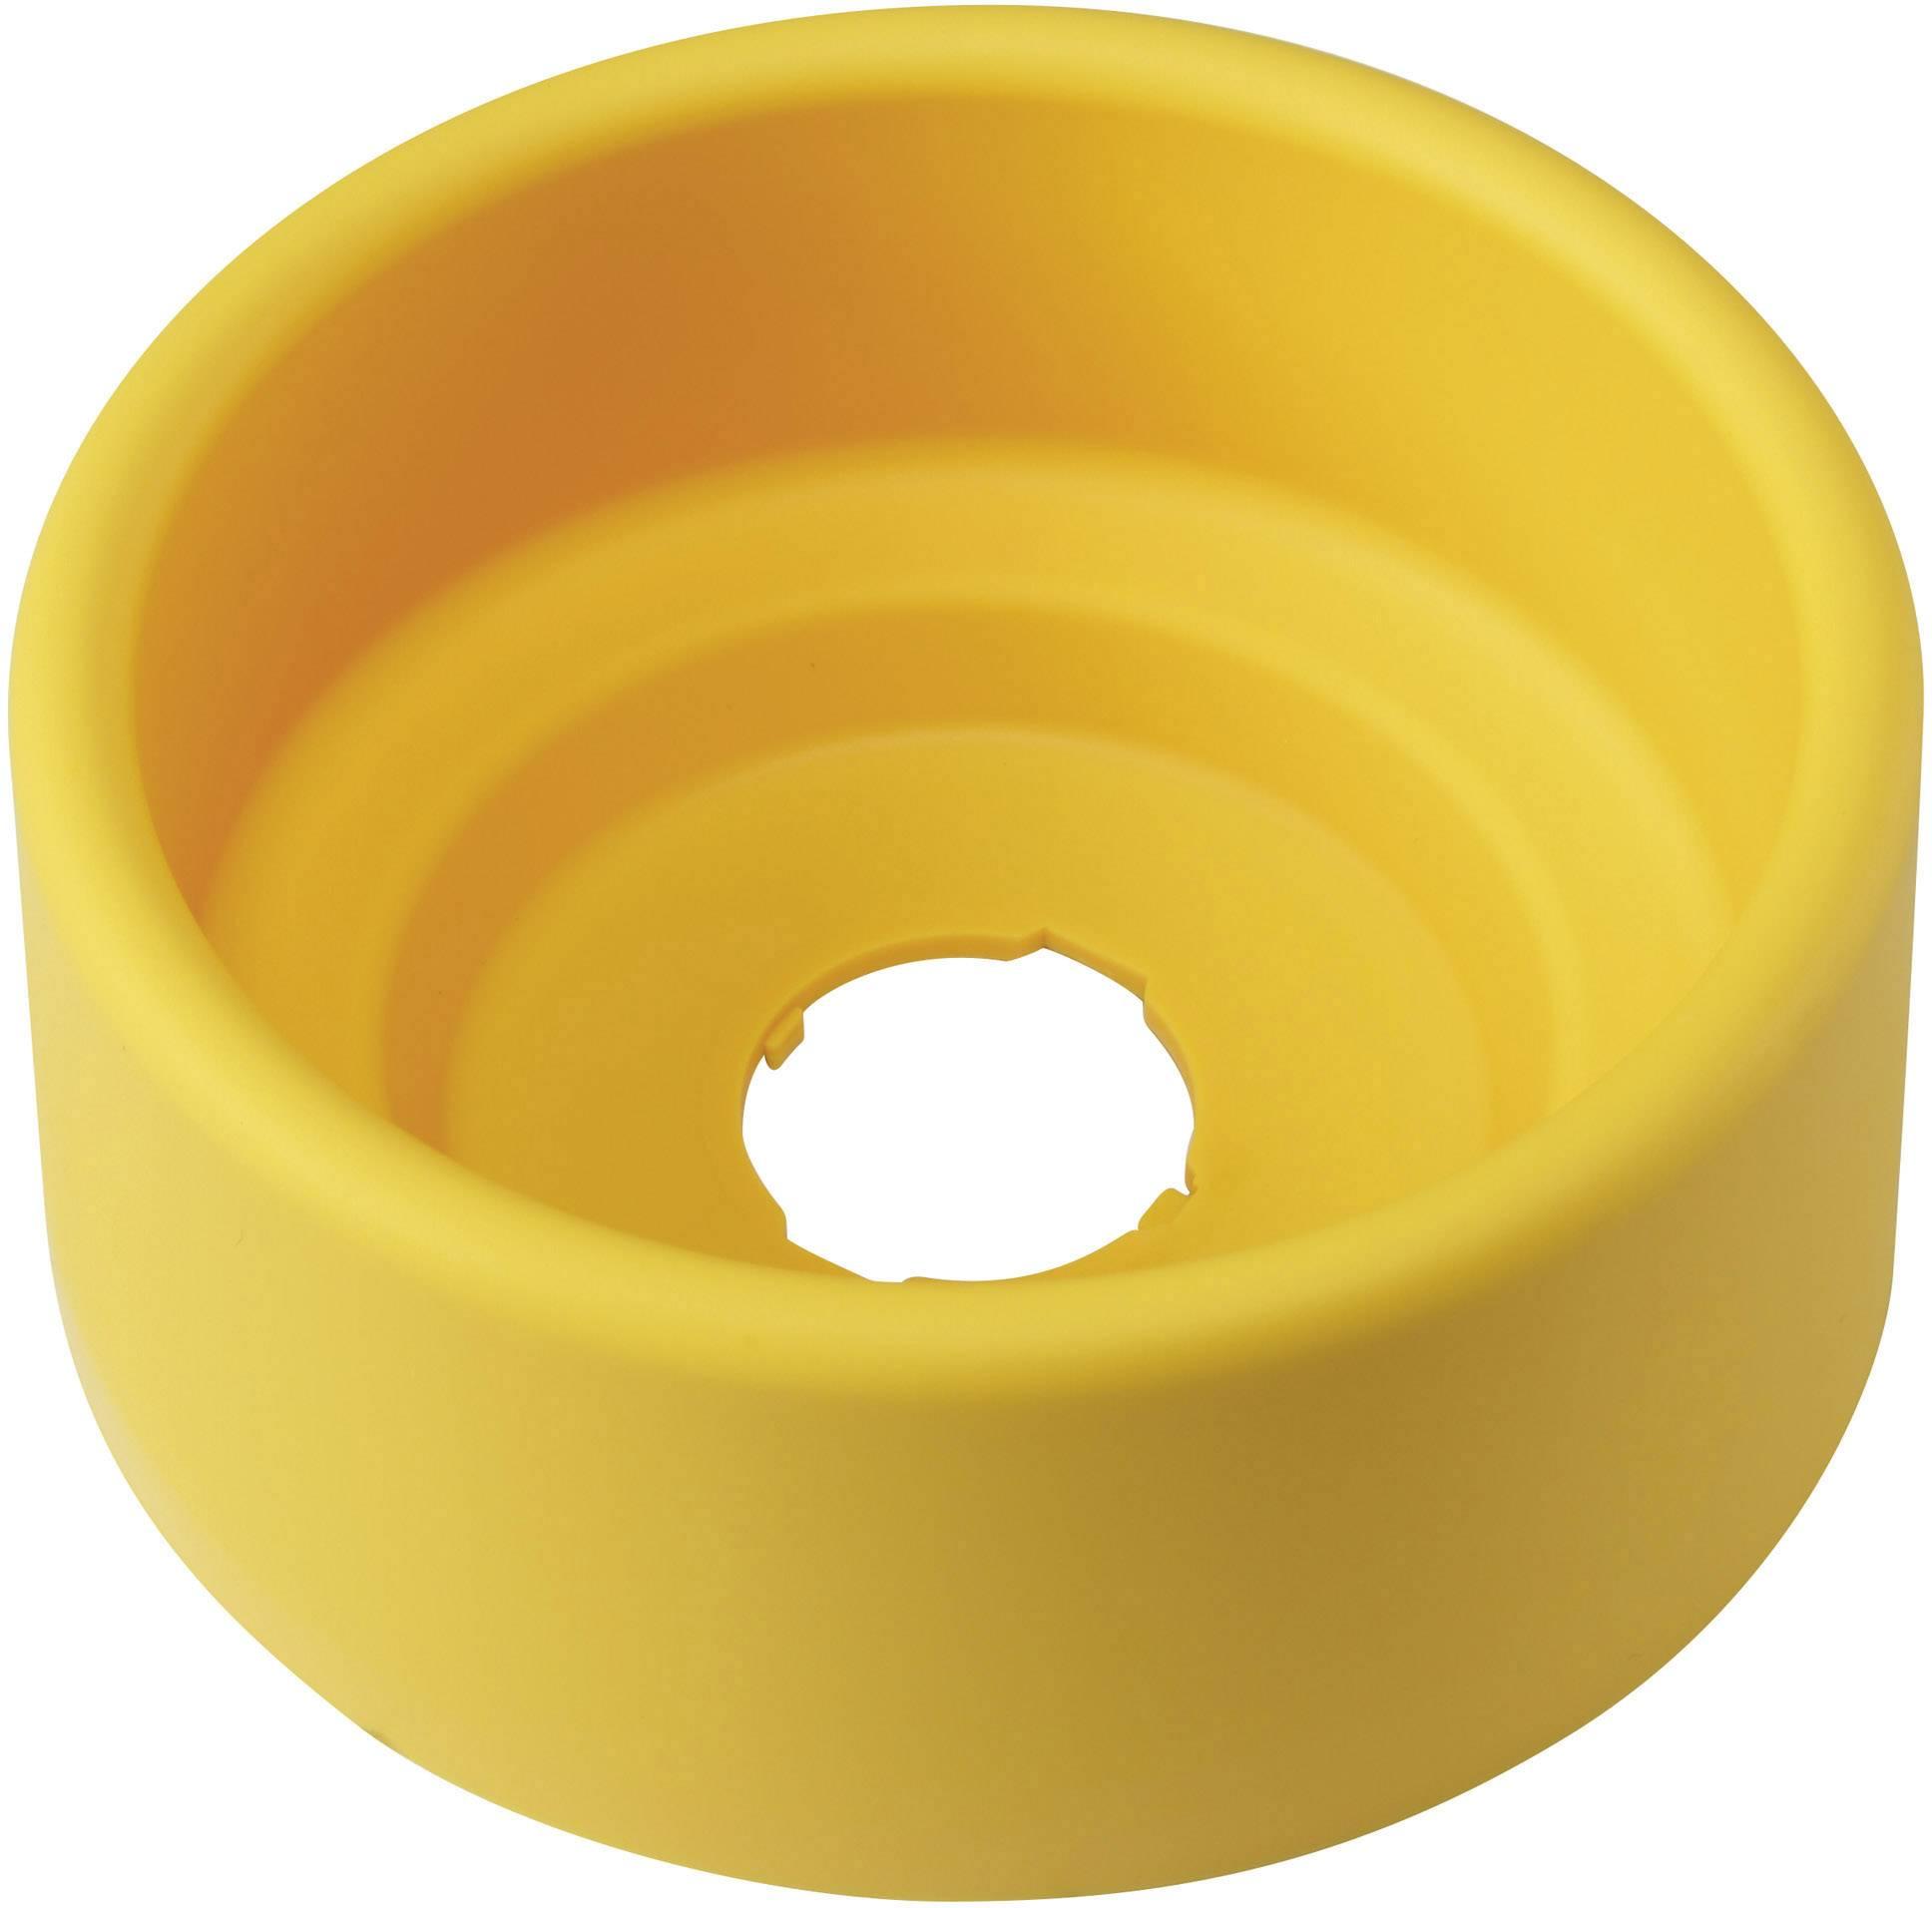 Ochrana tlačítka okrúhly, (Ø x v) 90 mm x 36.5 mm DECA A29Z-KG2 1233800, žlutá, 1 ks